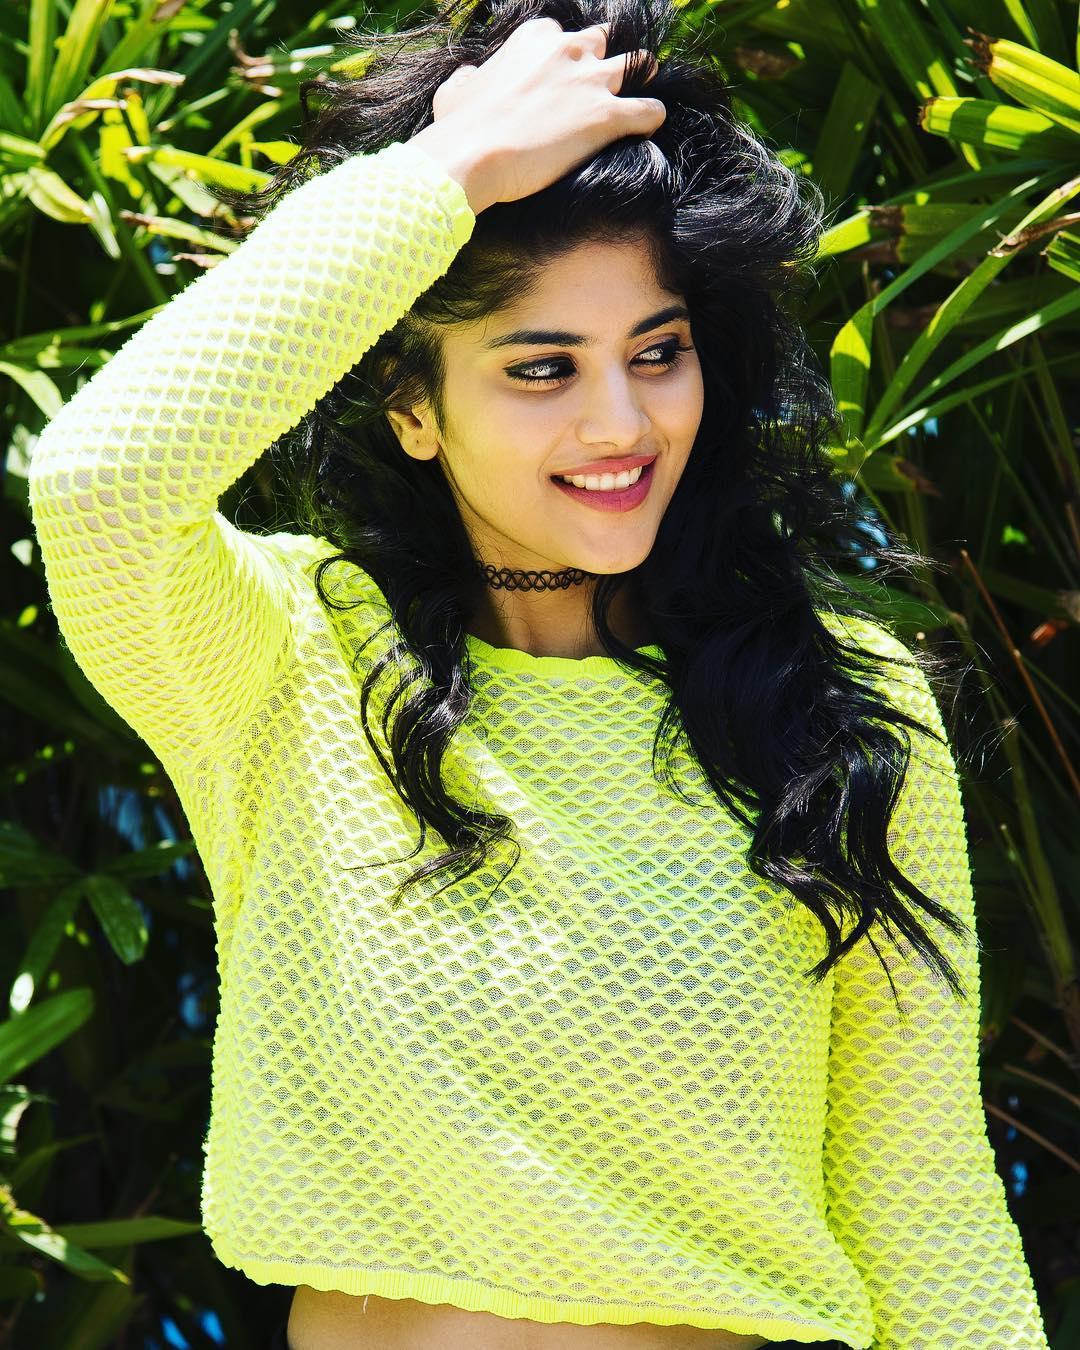 दक्षिण भारत की 10 युवा और खूबसूरत अभिनेत्री